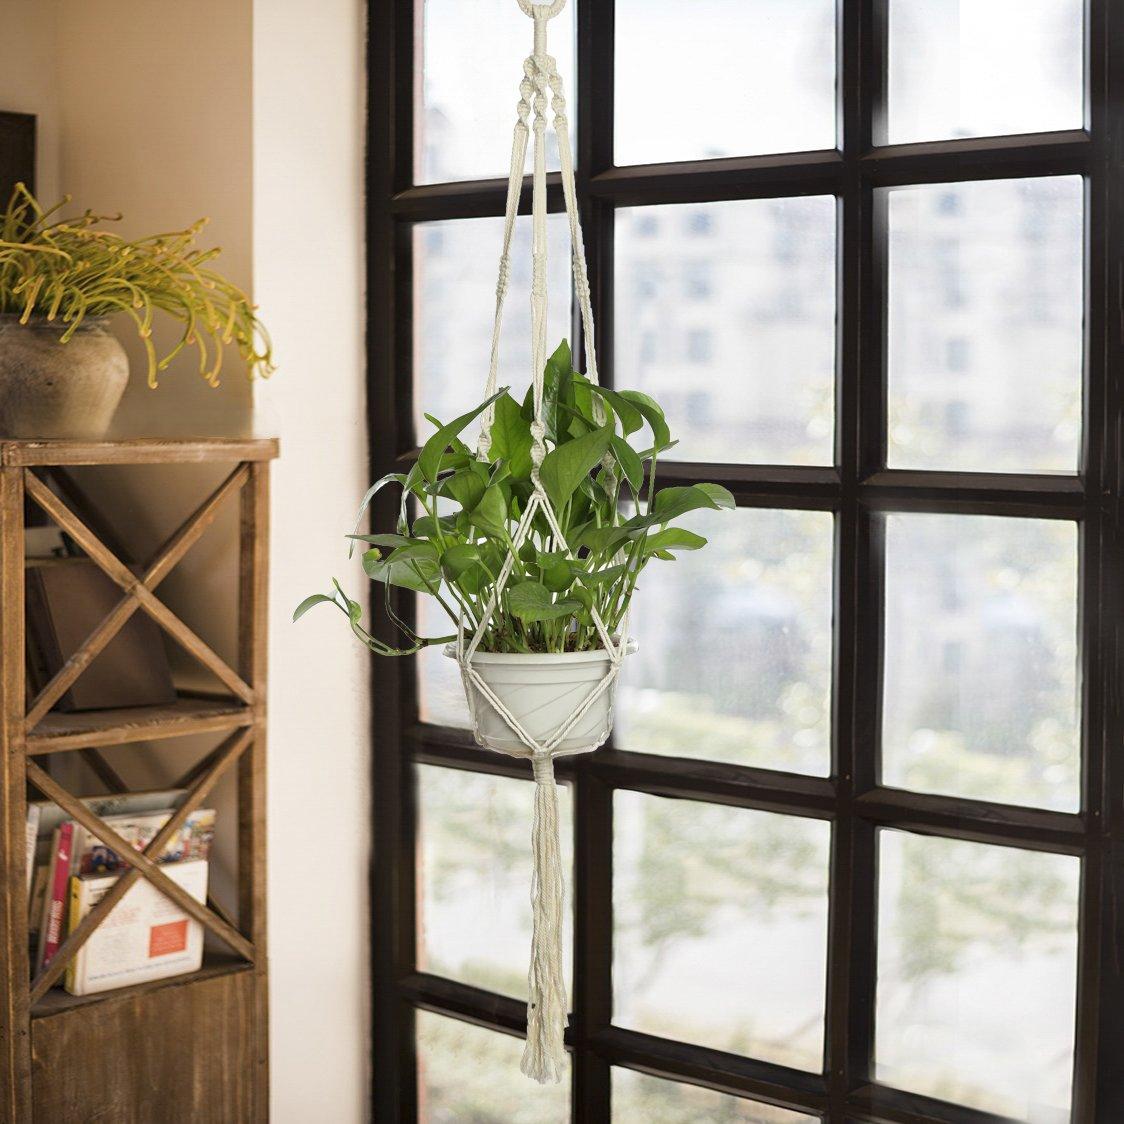 2 piezas de cesta de maceta para interiores y exteriores, colgante, cuerda de algodón, 4 patas de 101,6 cm, hecho a mano para interiores y exteriores, soporte de cuerda para colgar con gancho de techo, blanco